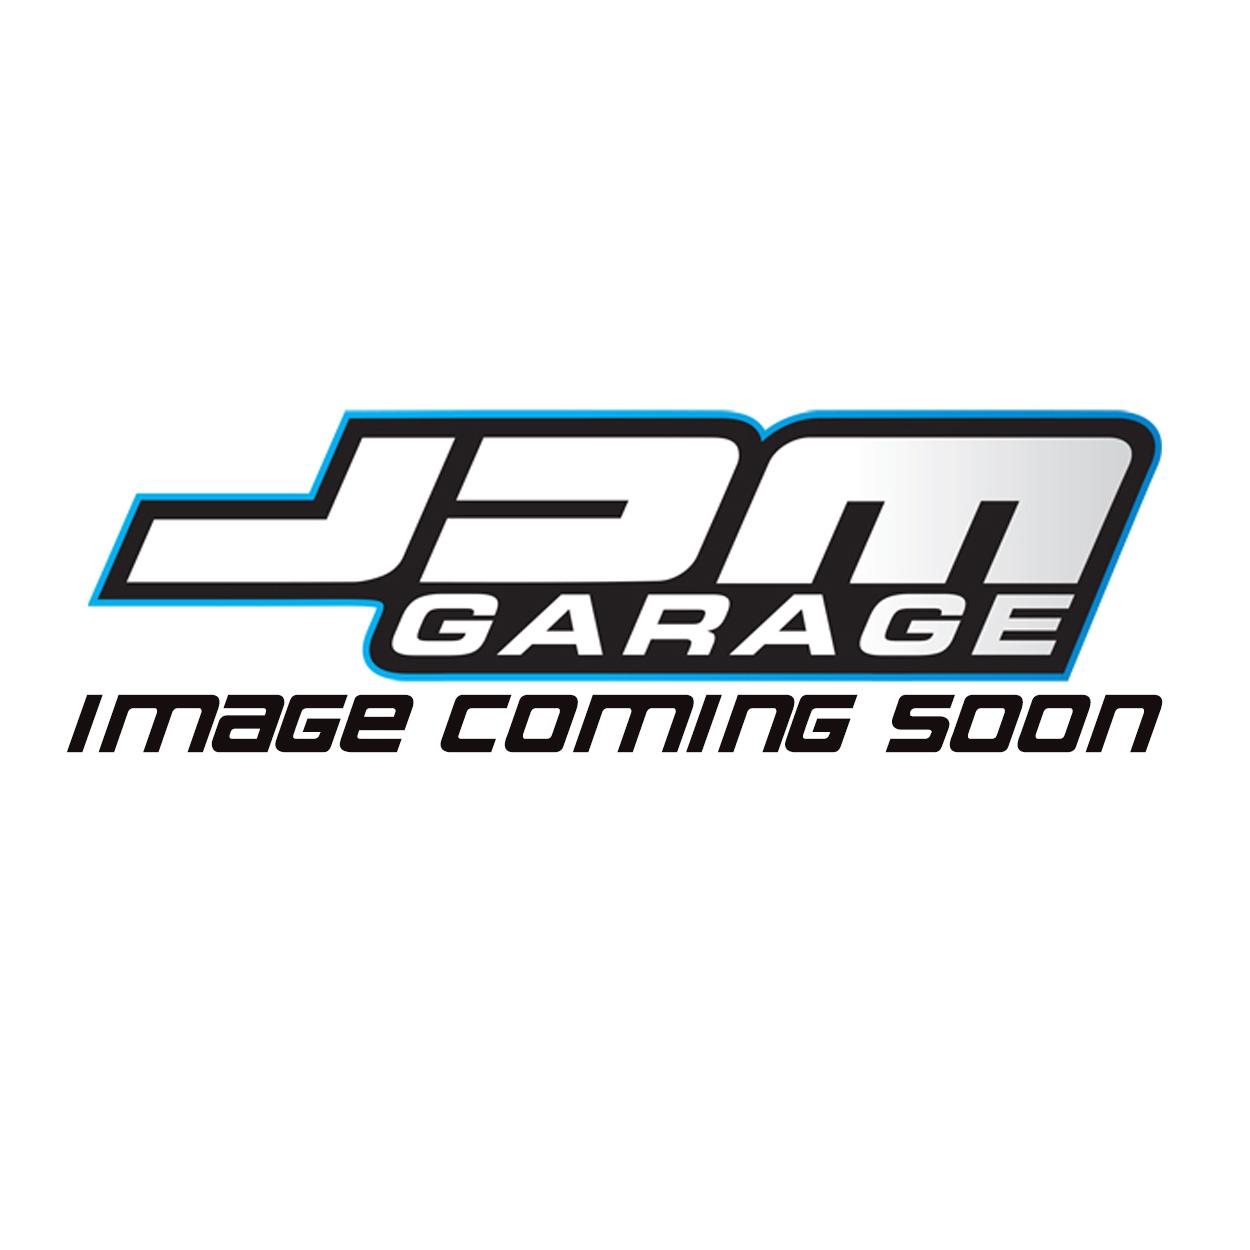 Genuine Nissan Clutch Pivot Pin Ball For Nissan Skyline R32 GTR RB26DETT / R33 GTS-T RB25DET 30537-40P00